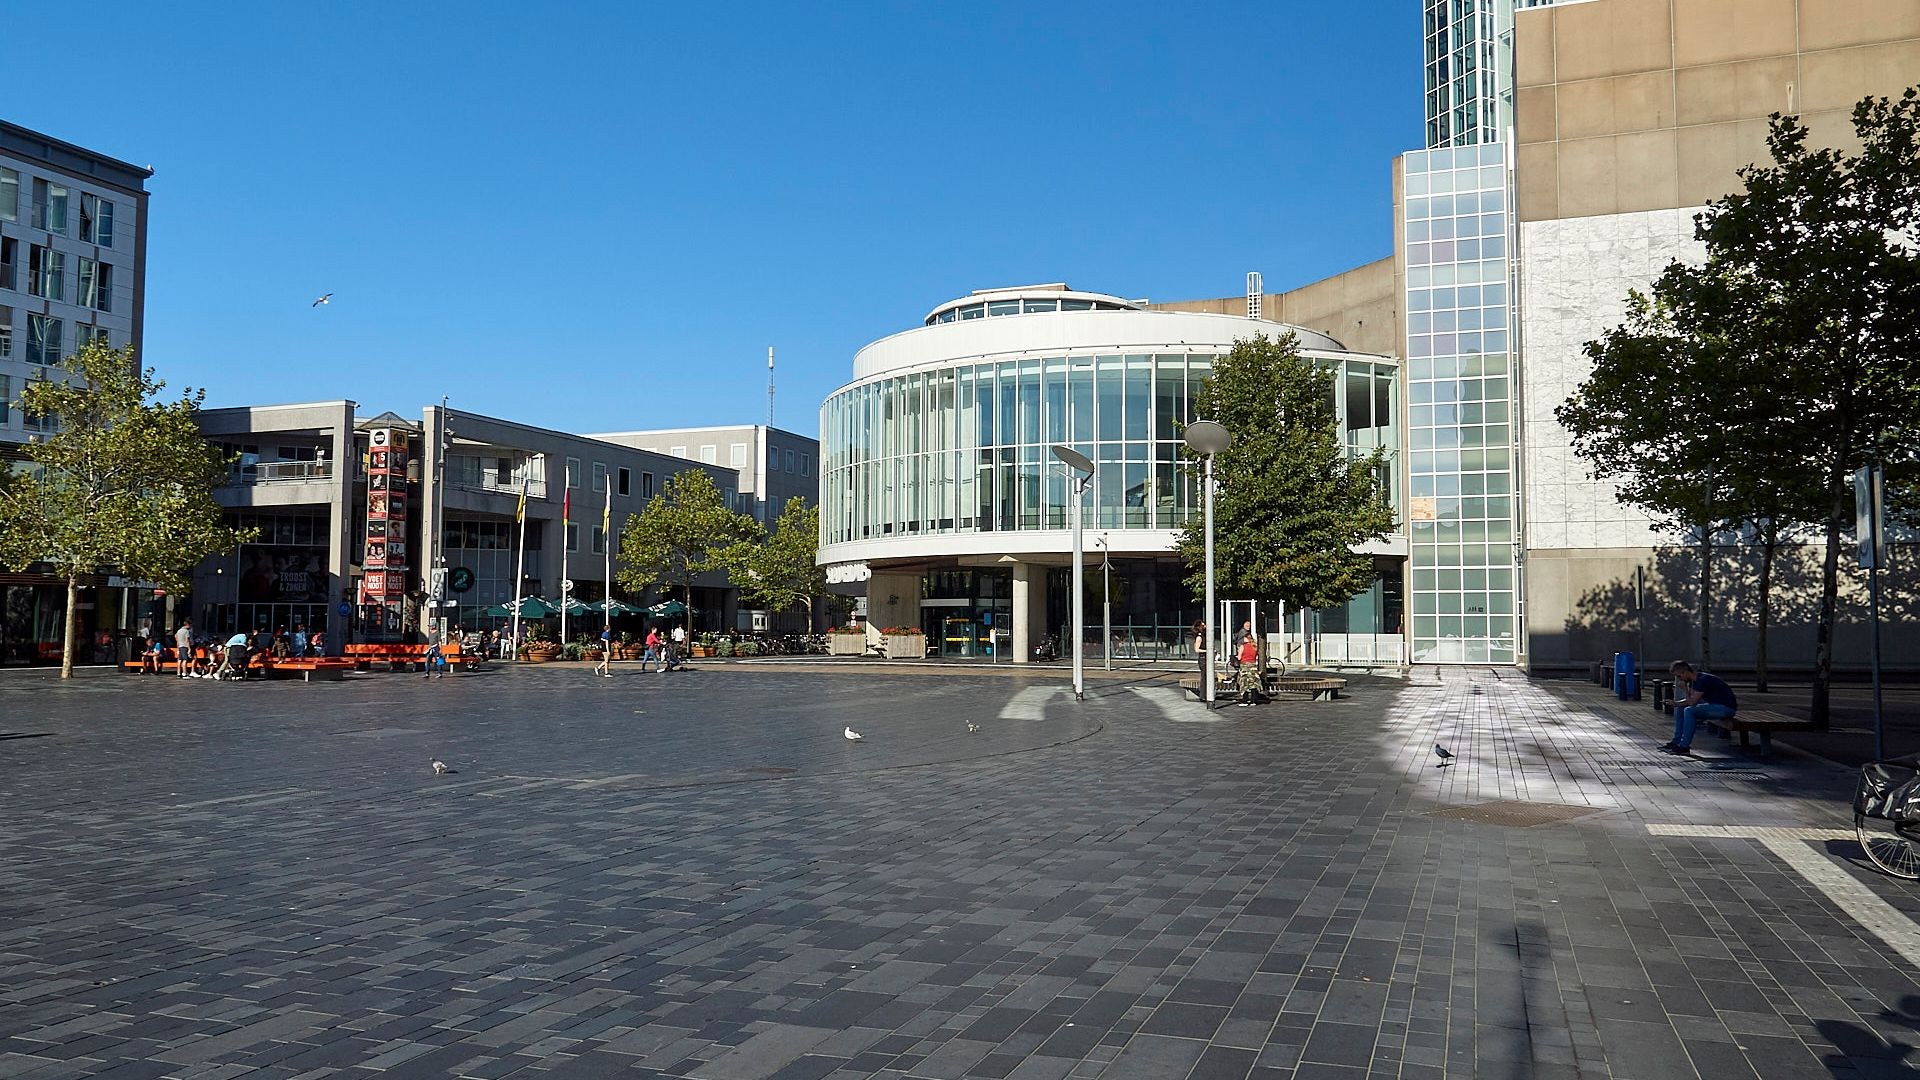 Foto van het stadhuisplein met het stadhuis op de achtergrond